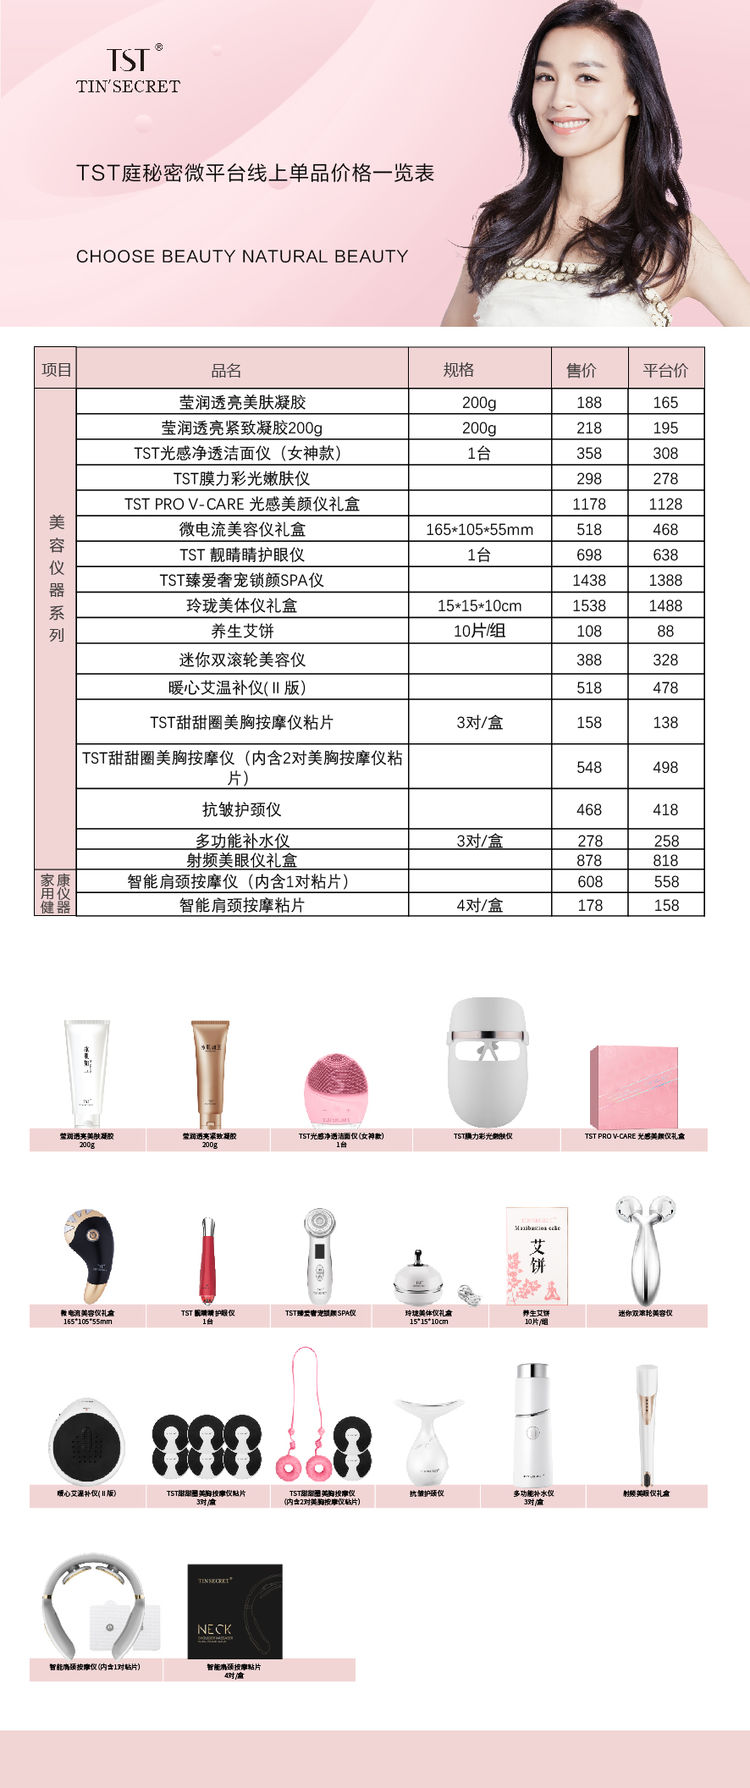 张庭护肤品TST庭秘密仪器类拿货价目表